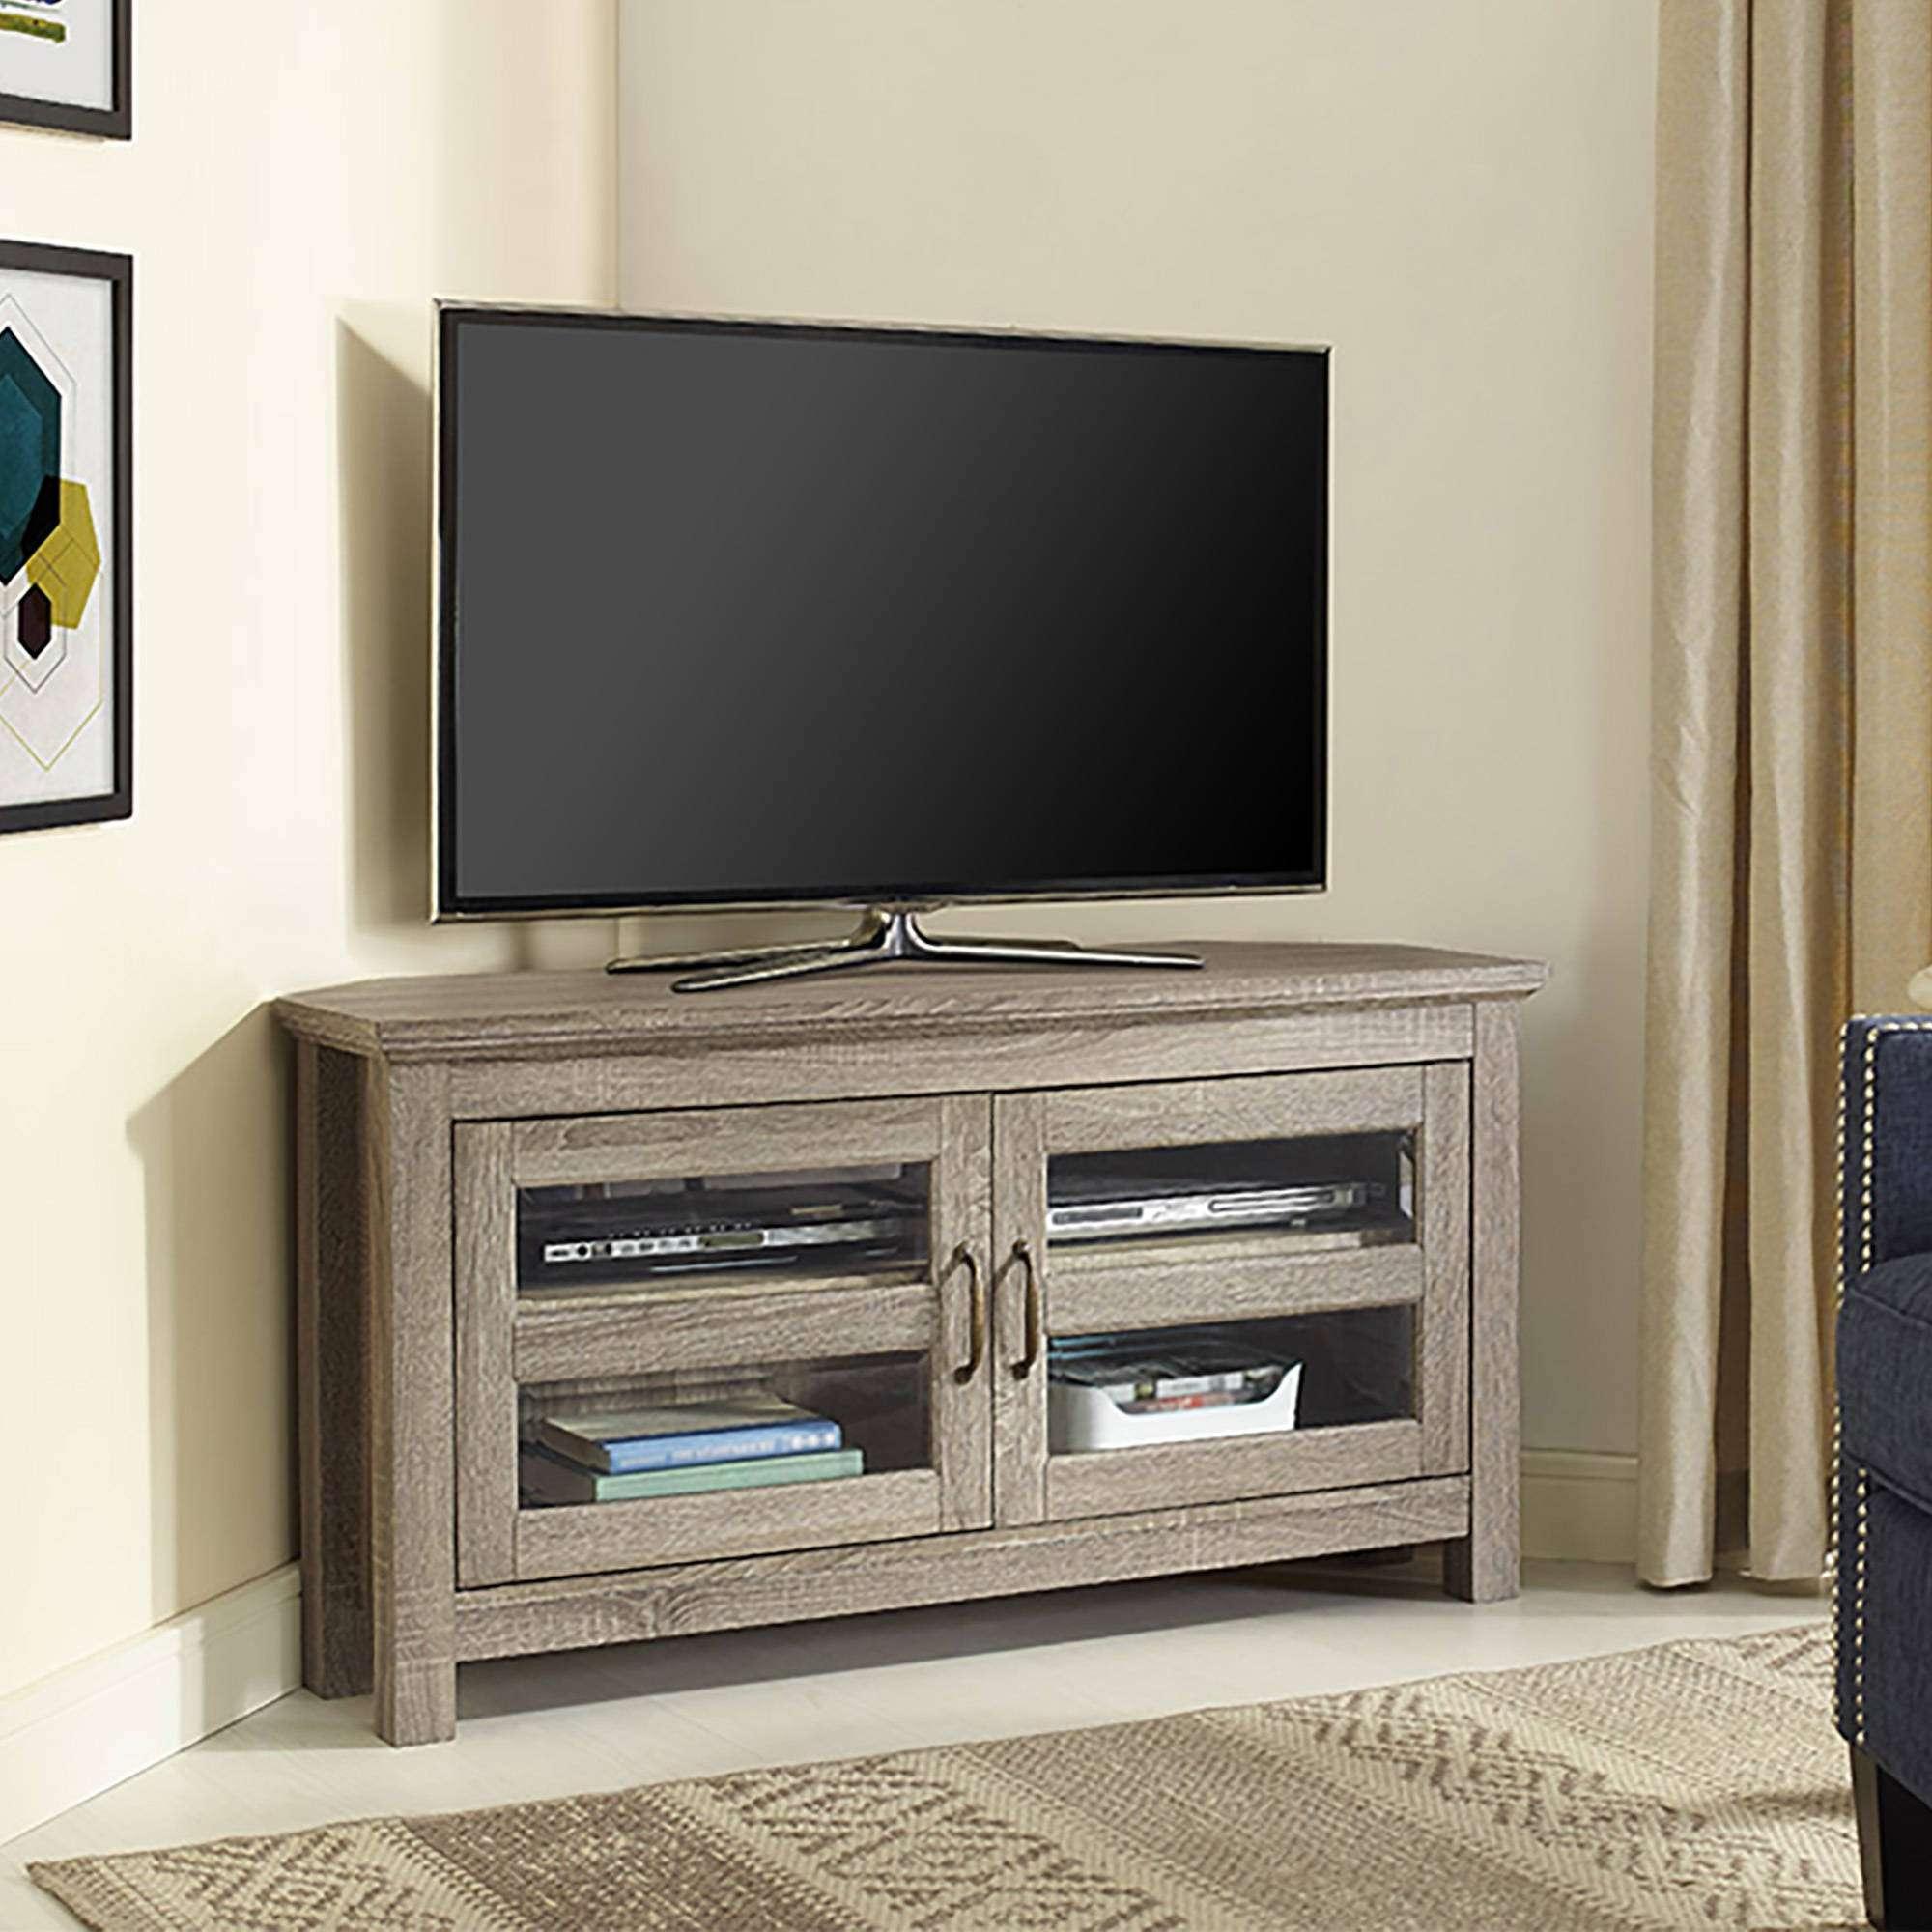 Tv : Espresso Tv Stands Furniture Wonderful Expresso Tv Stands Regarding Expresso Tv Stands (View 14 of 15)